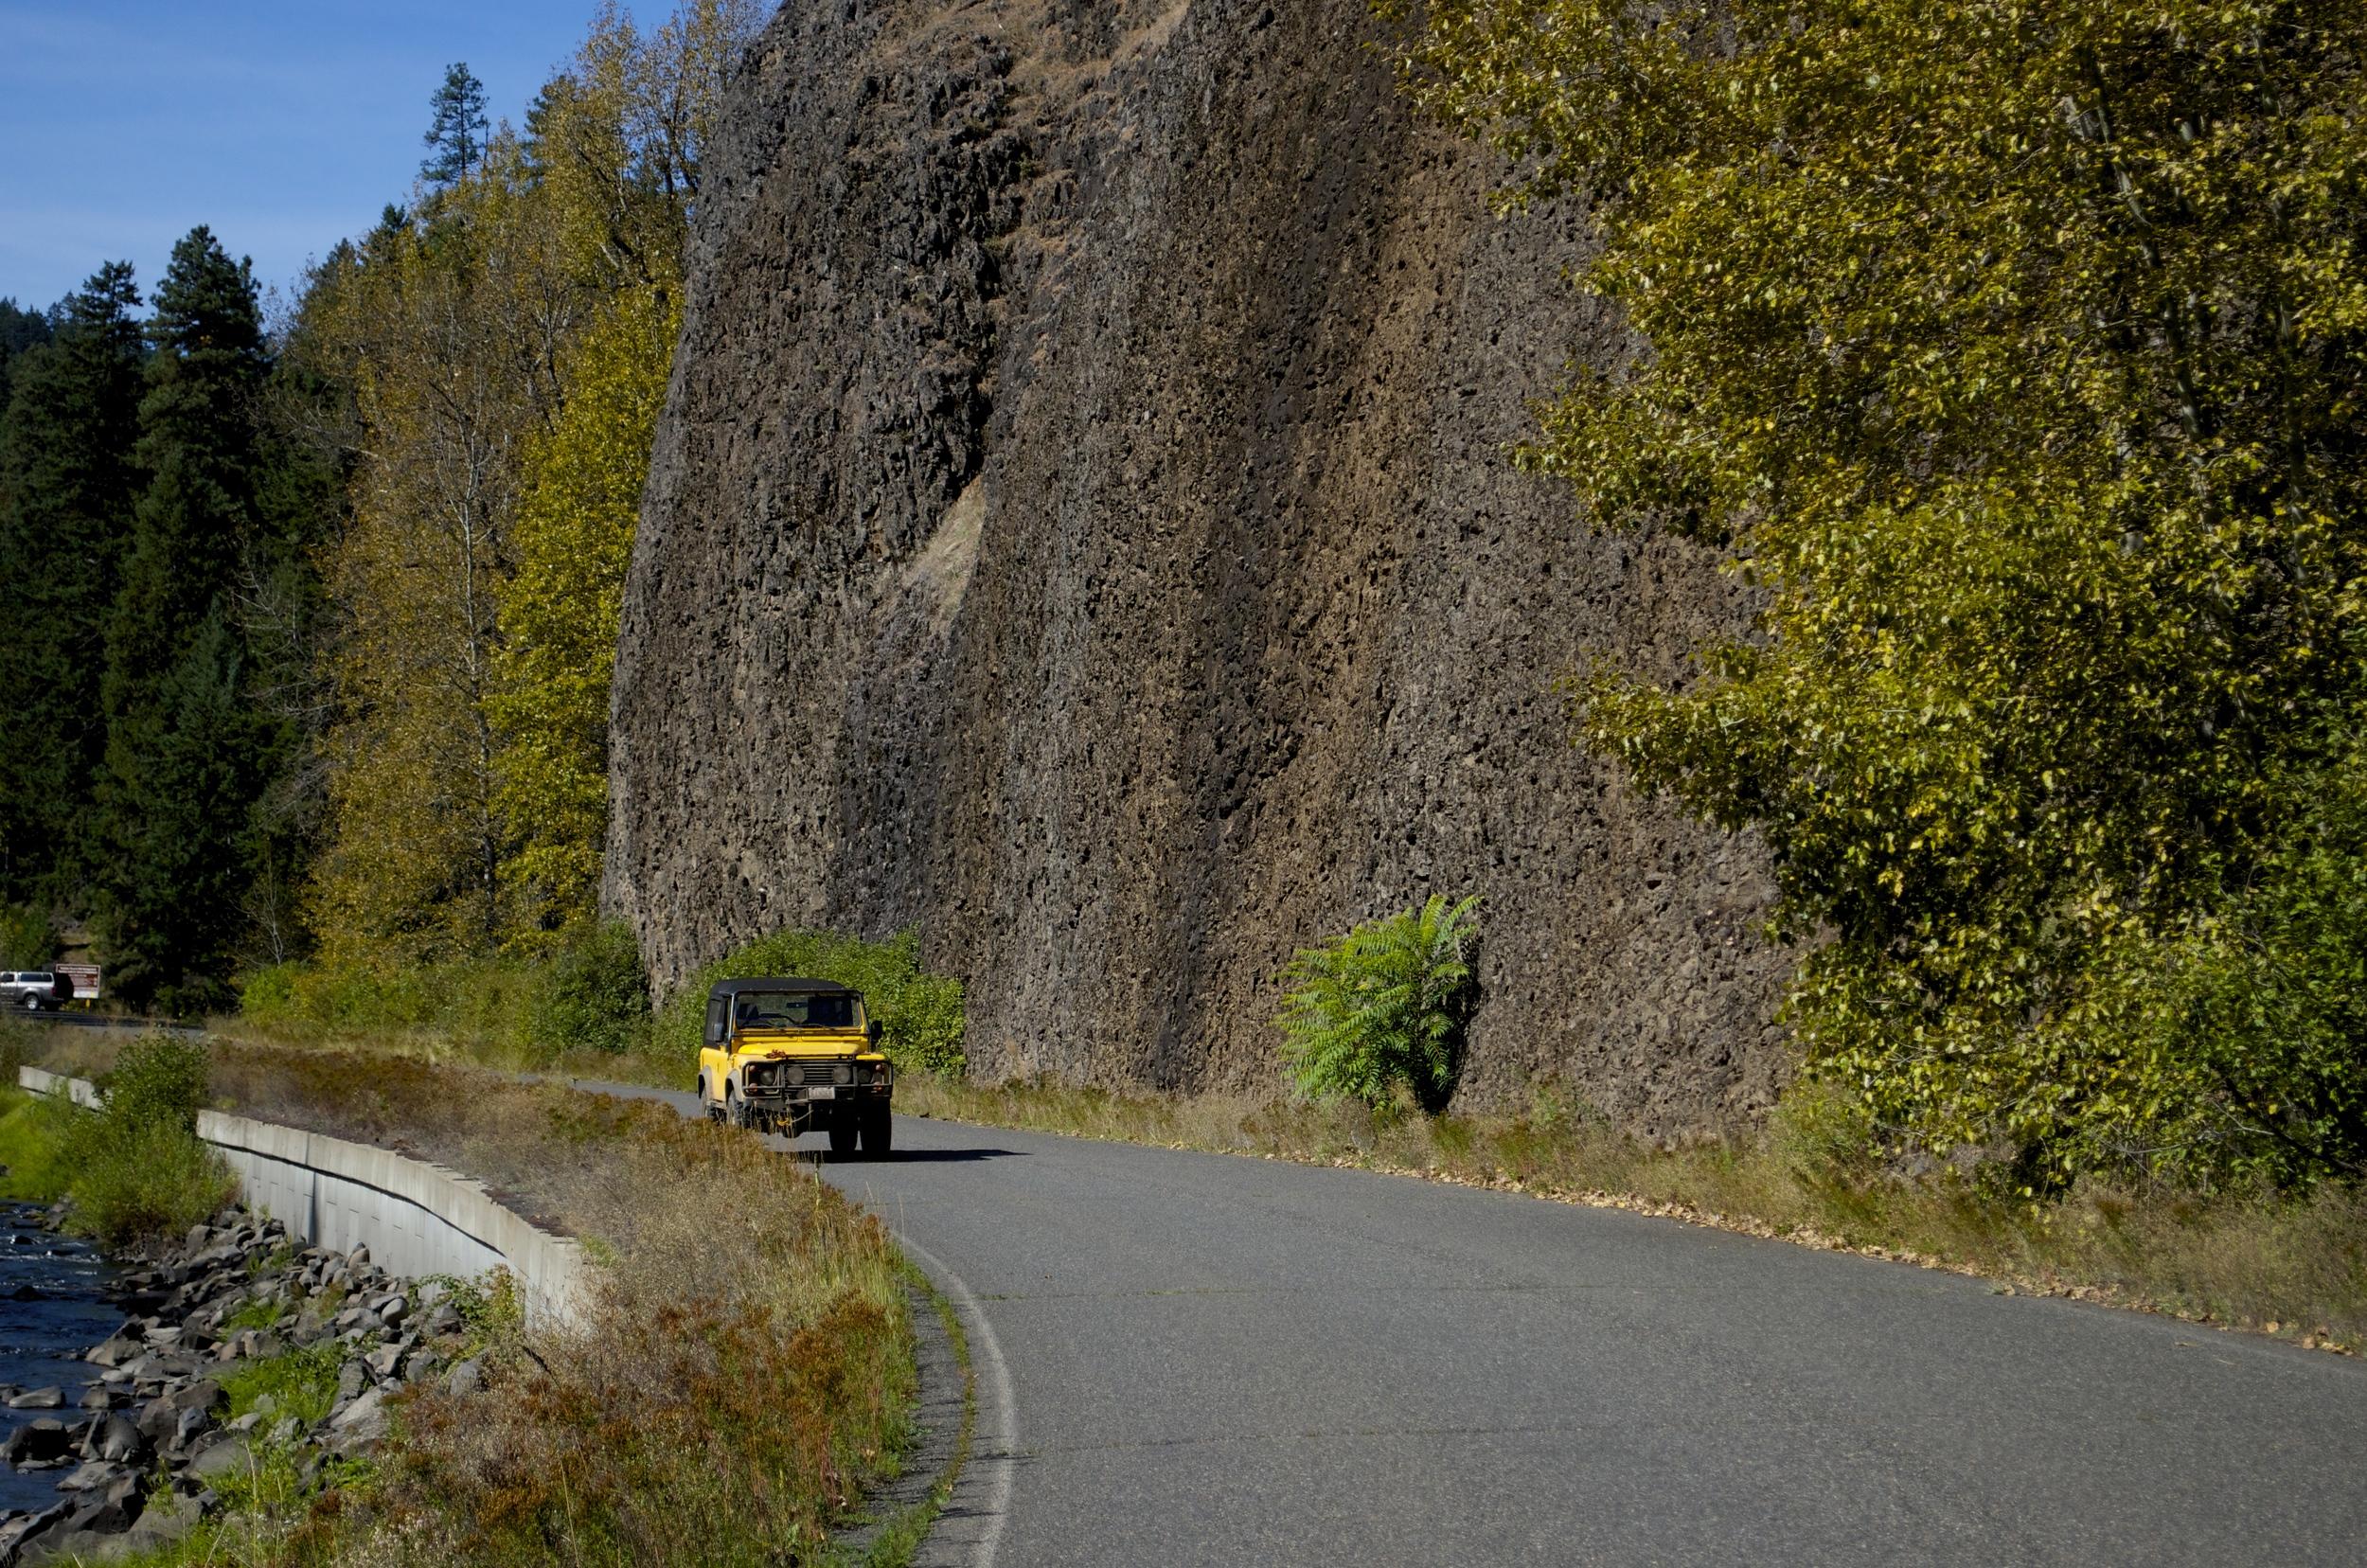 Lar zooms past basalt cliffs above the Little Naches River